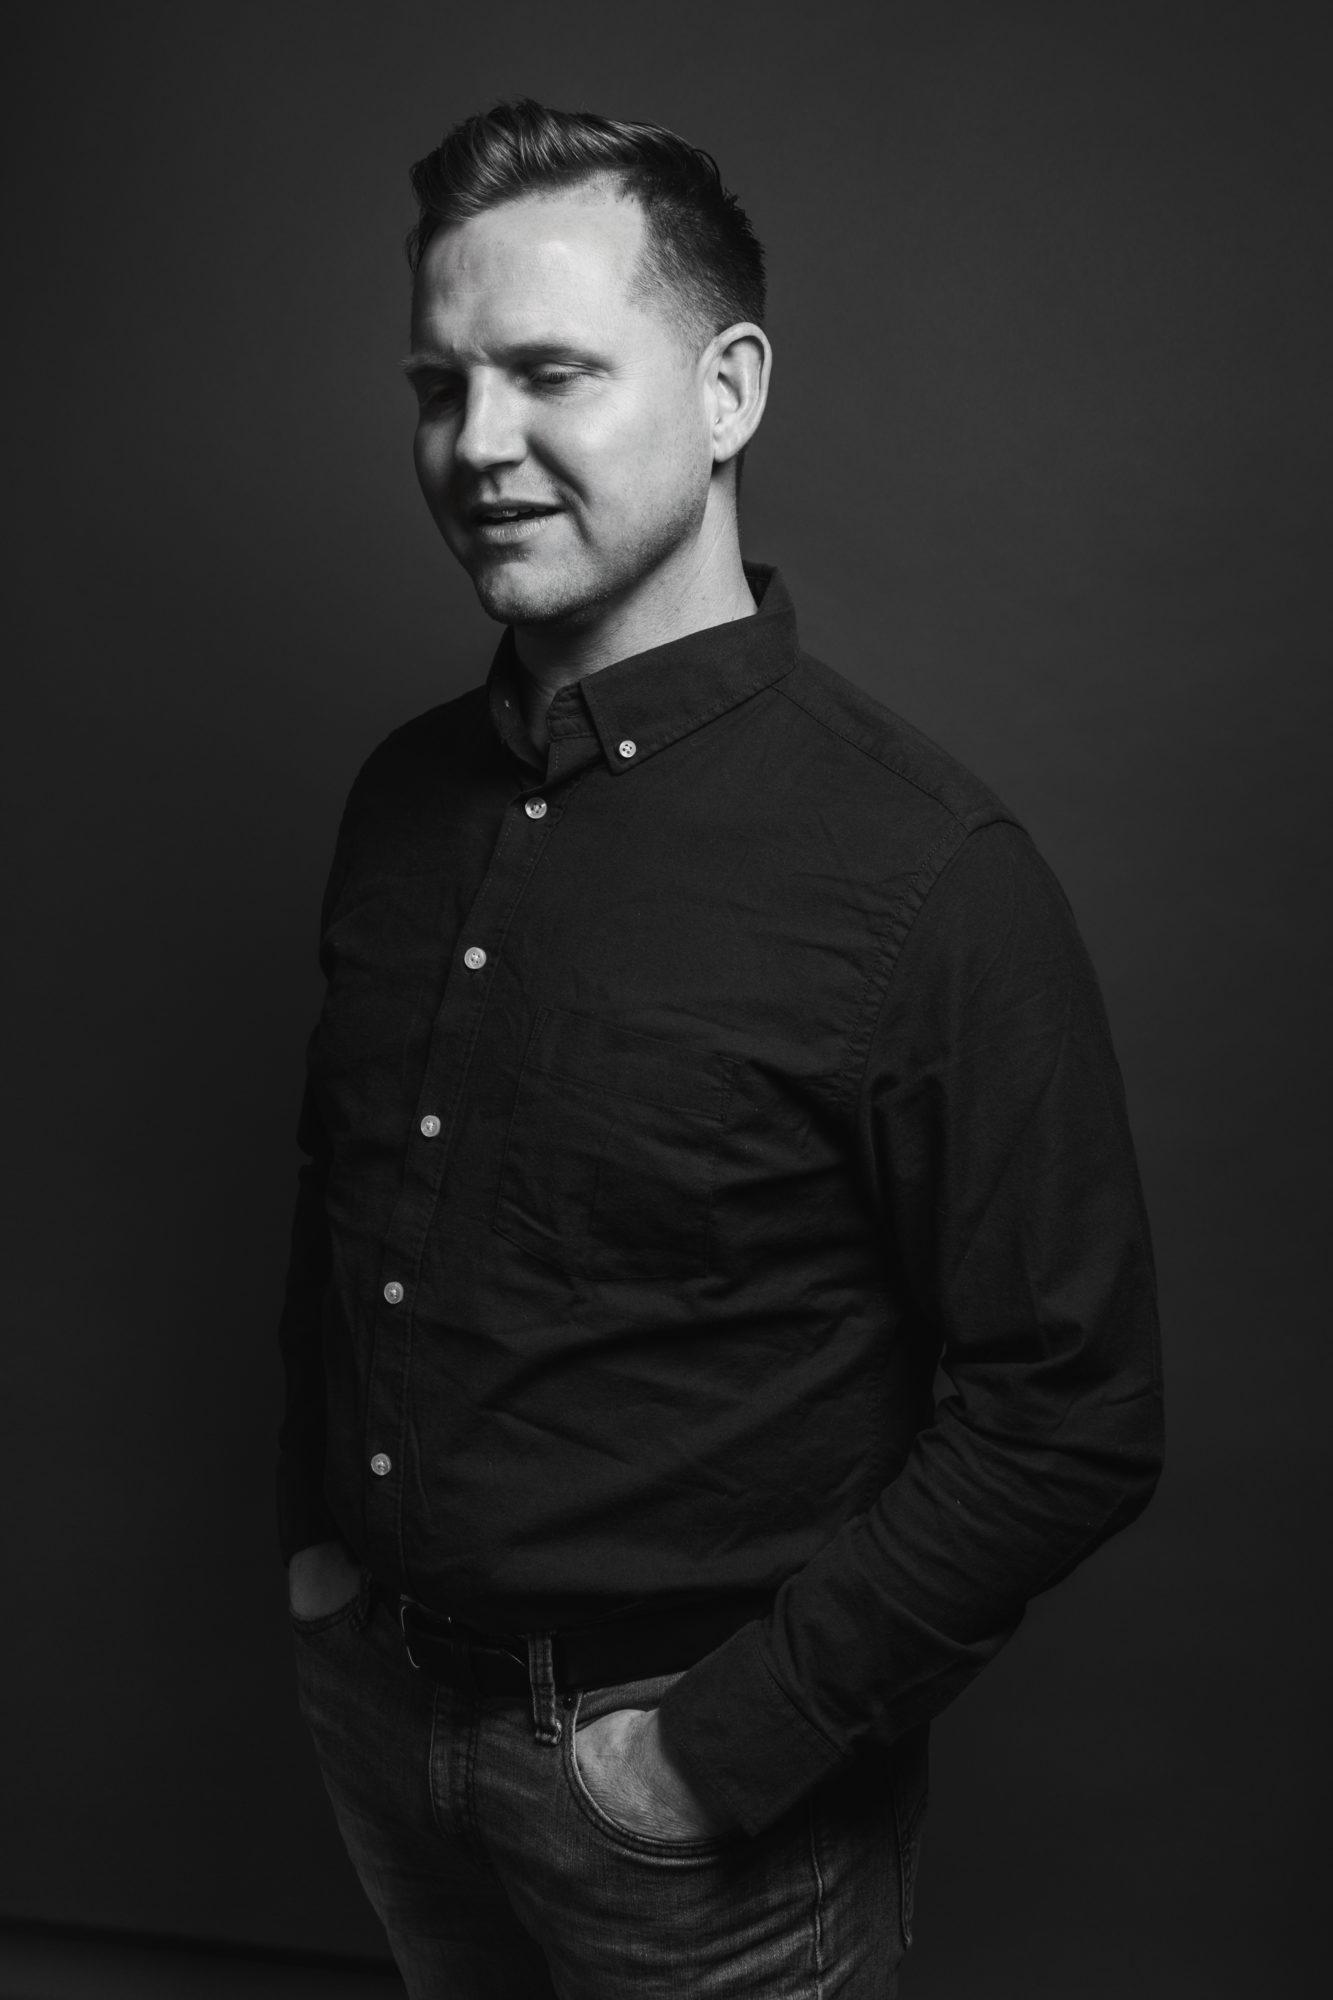 Jeremy Glauser | 2021 40 Under 40